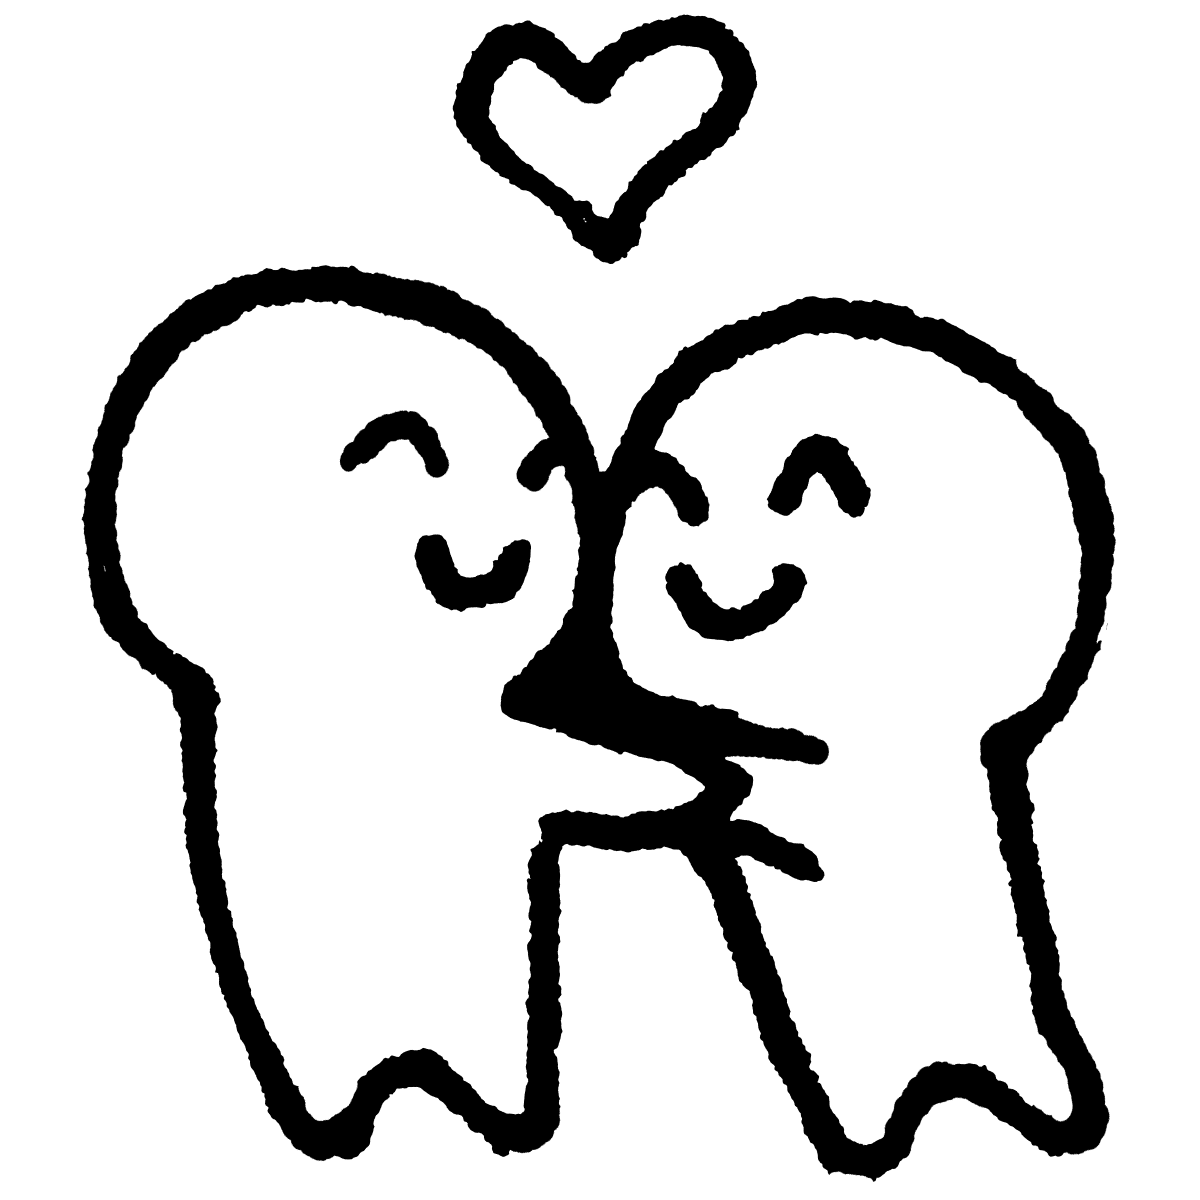 抱き合うカップルのイラスト / Hugging couple Illustration